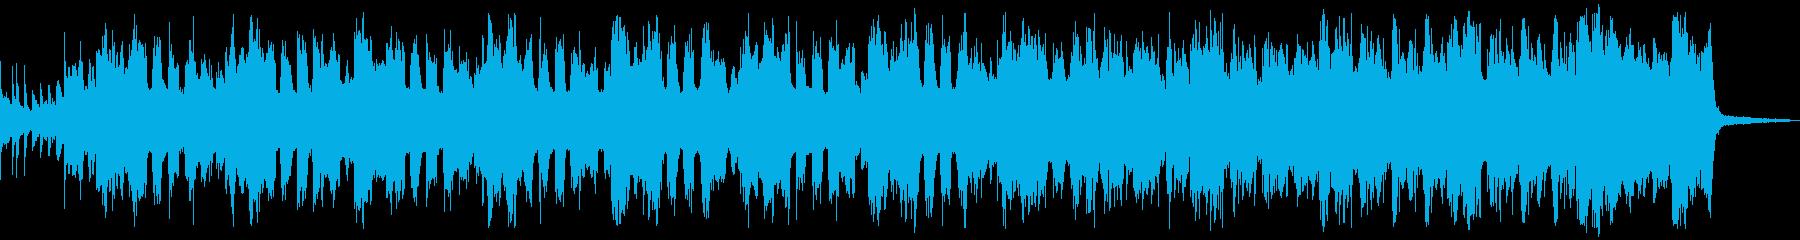 明るくてポップ スカ ロック BGMの再生済みの波形